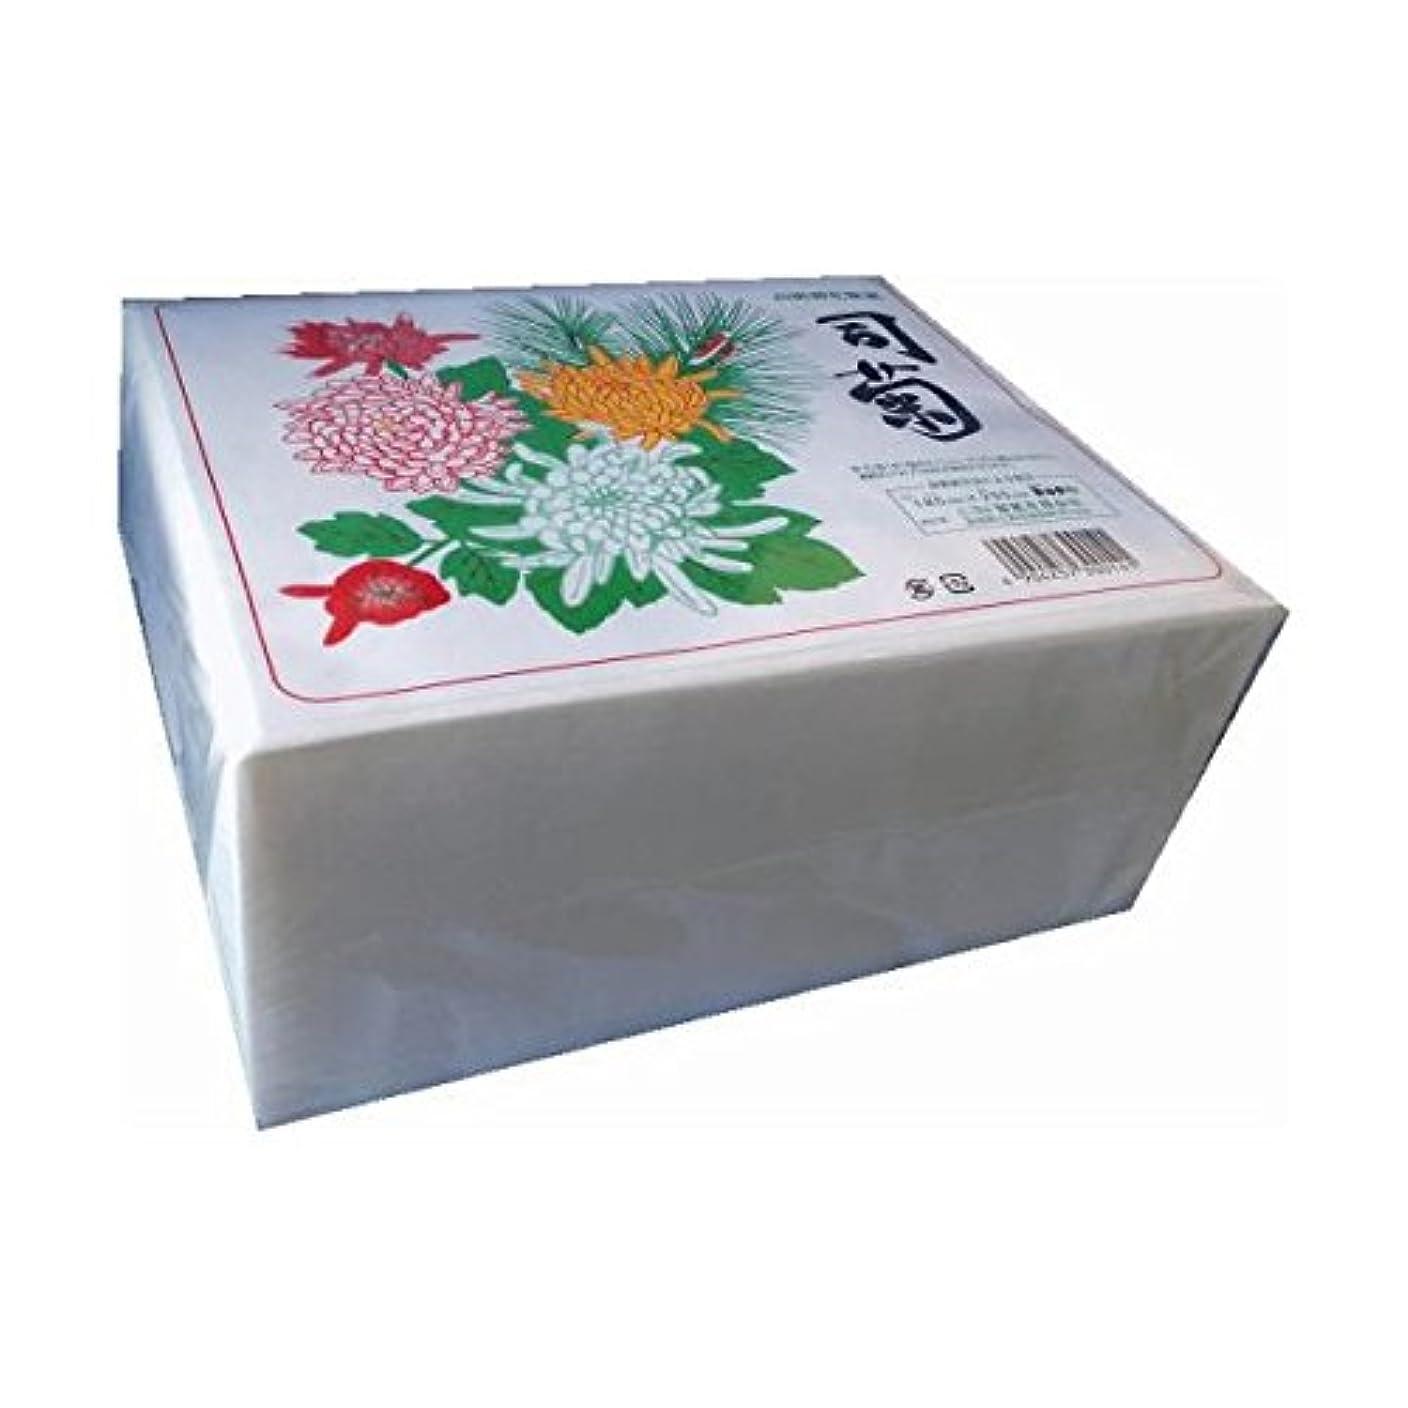 ミトン環境に優しい音声学ニヨド製紙:高級御化粧紙 司菊 800枚 5個 4904257300141b